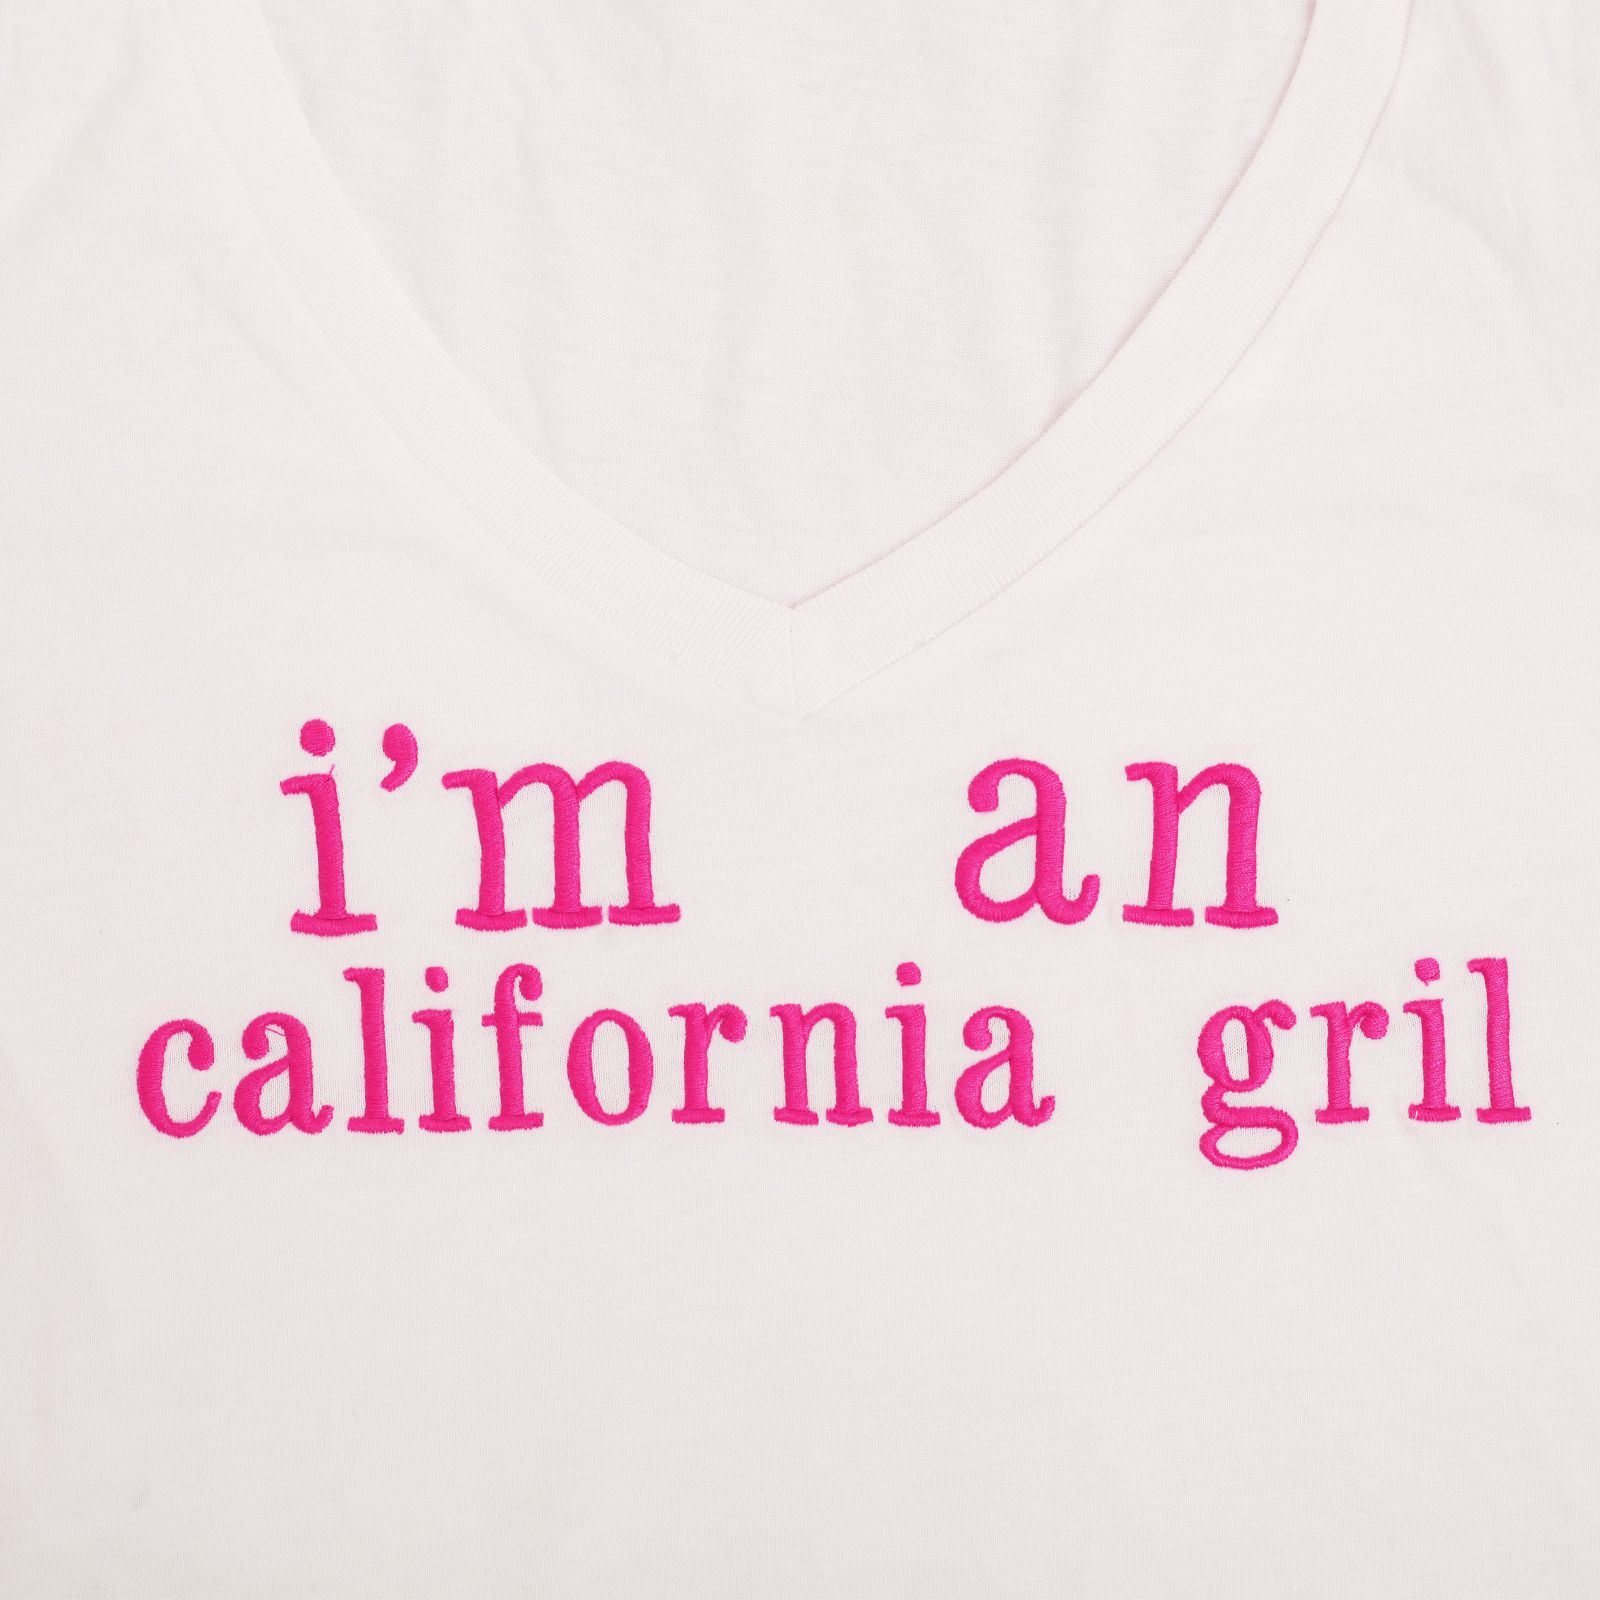 Женская футболка California&CO (США) для спорта и отдыха - принт